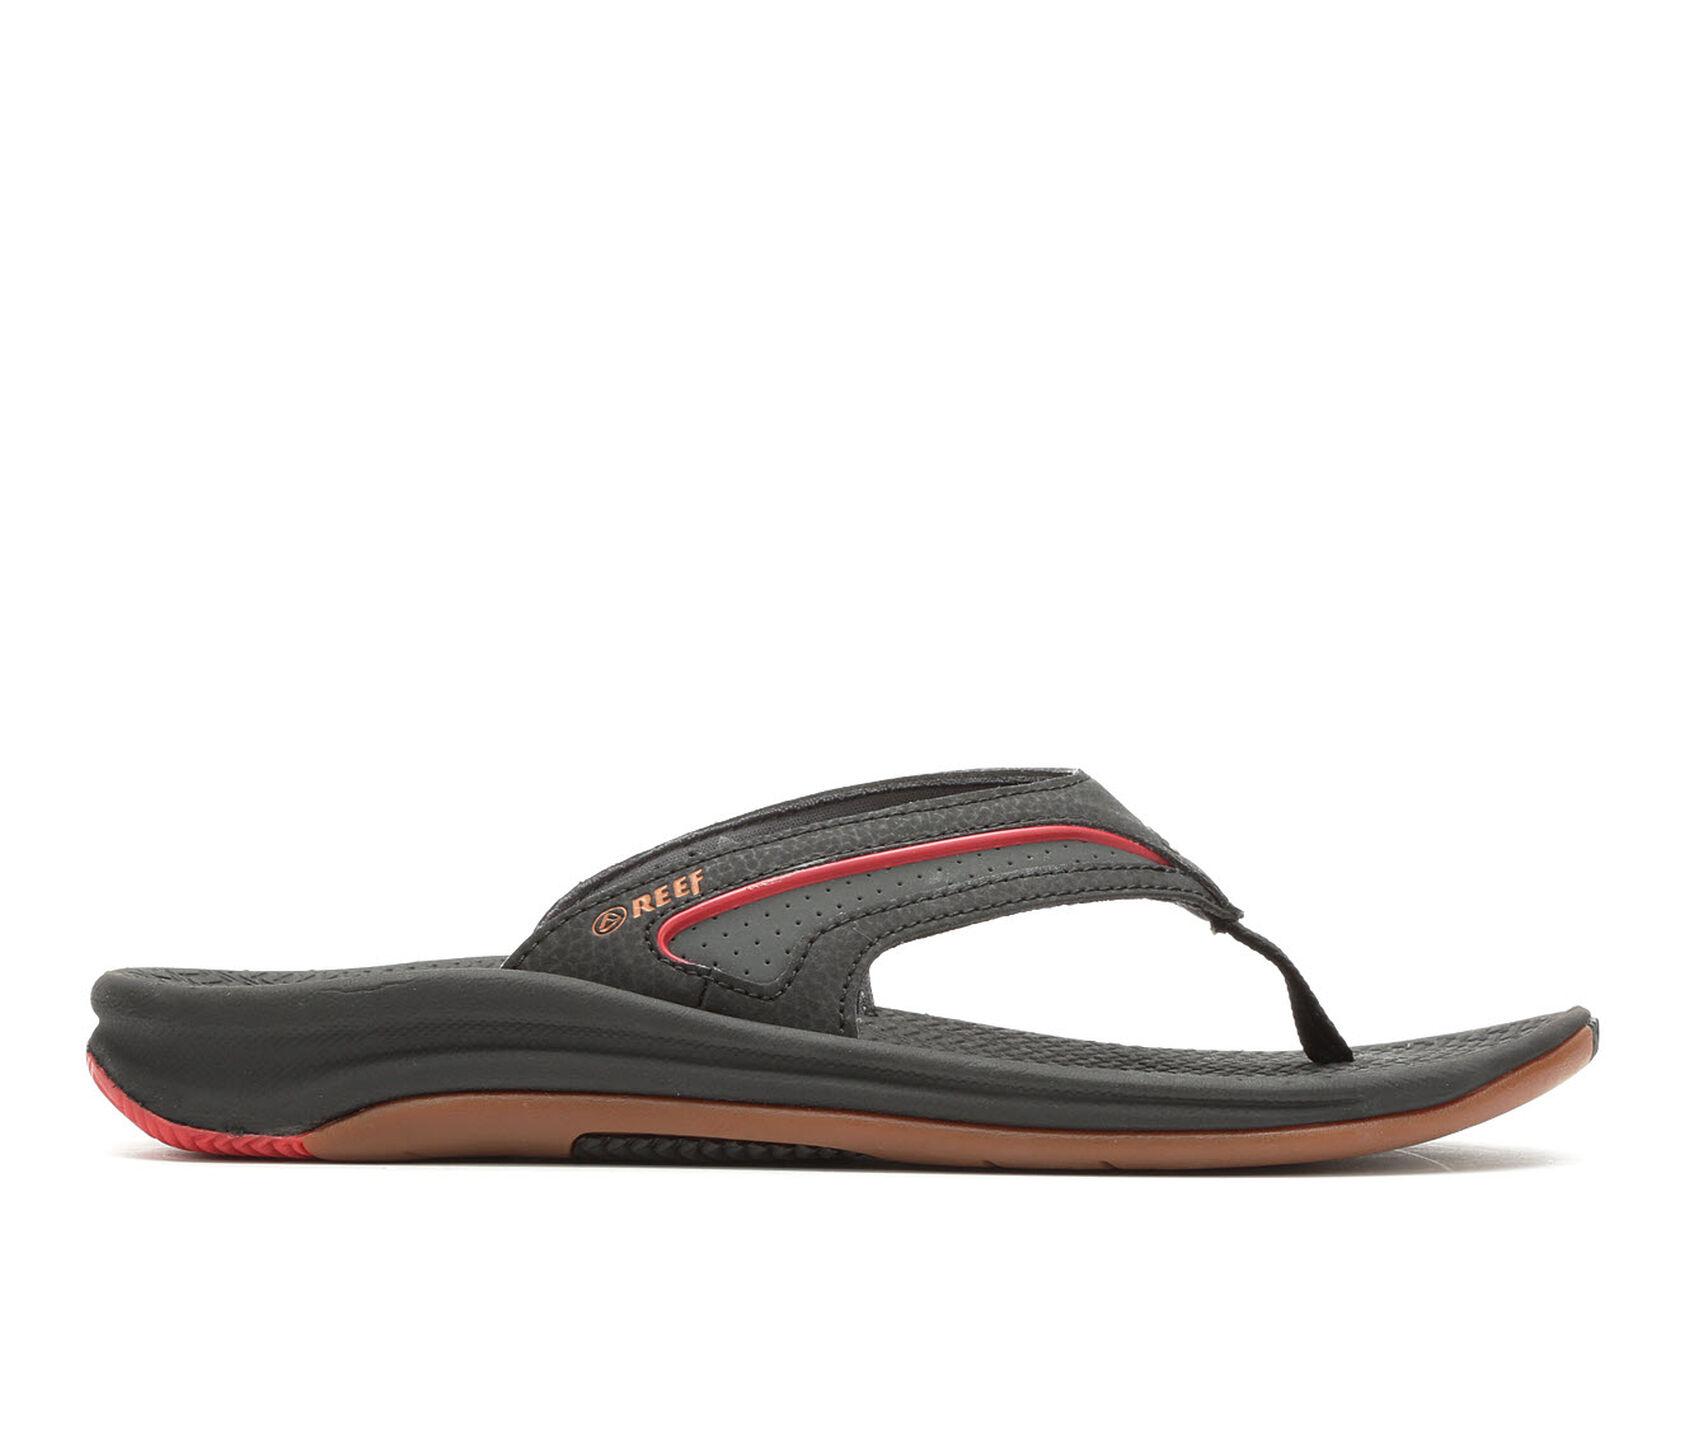 08c5a6d4ec5f Men s Reef Flex Flip-Flops